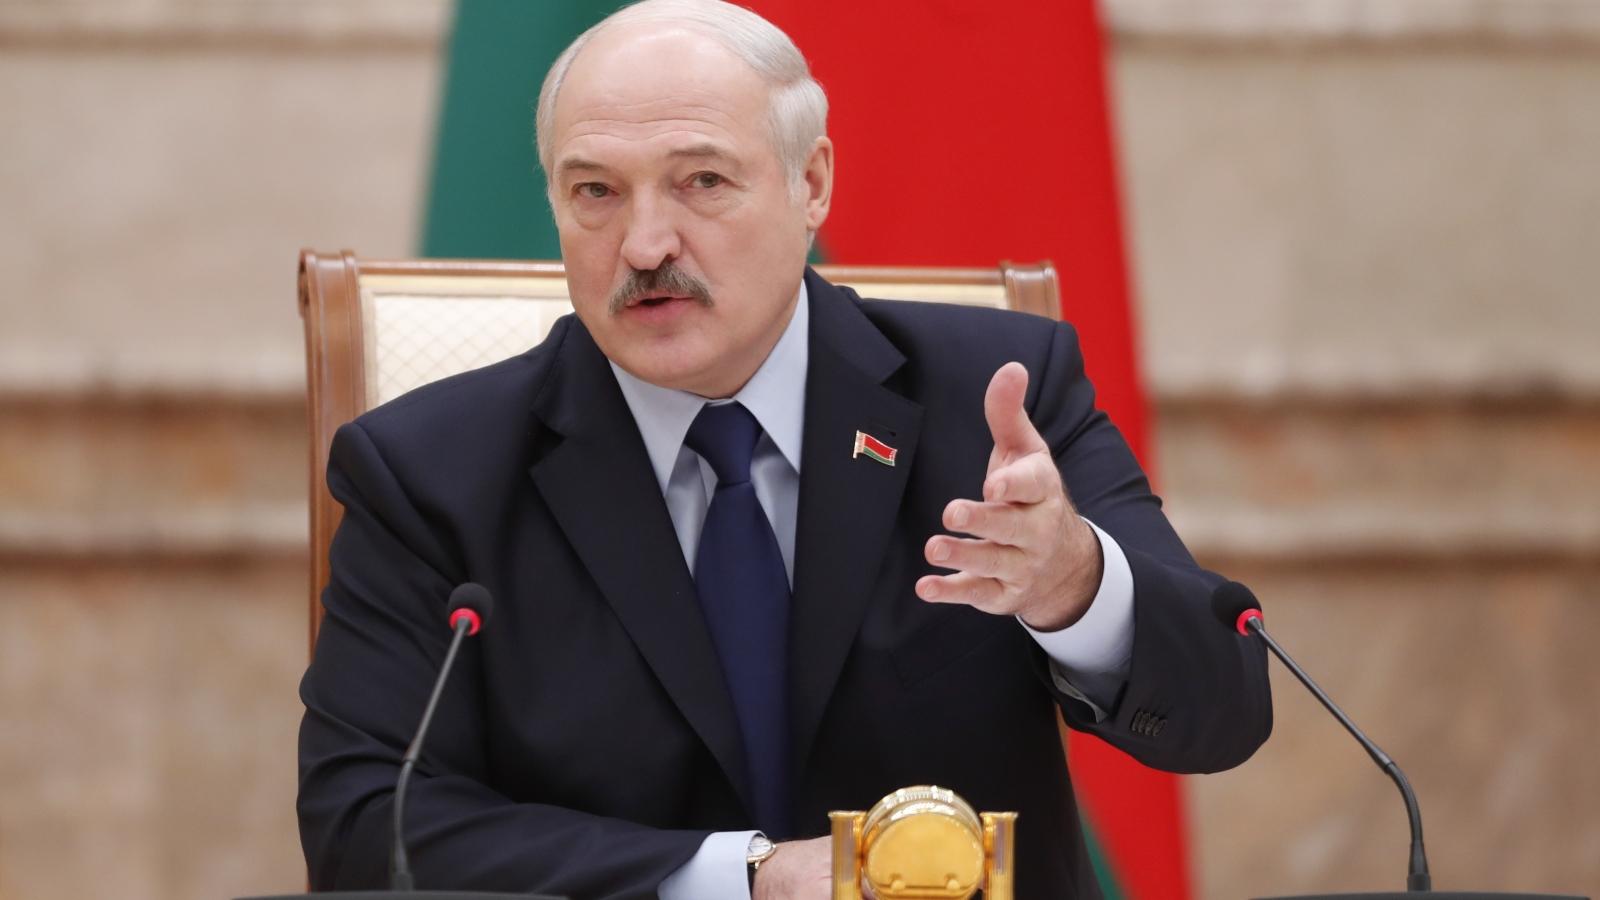 Tổng thống Lukashenko: Belarus không cần các nước khác công nhận kết quả bầu cử